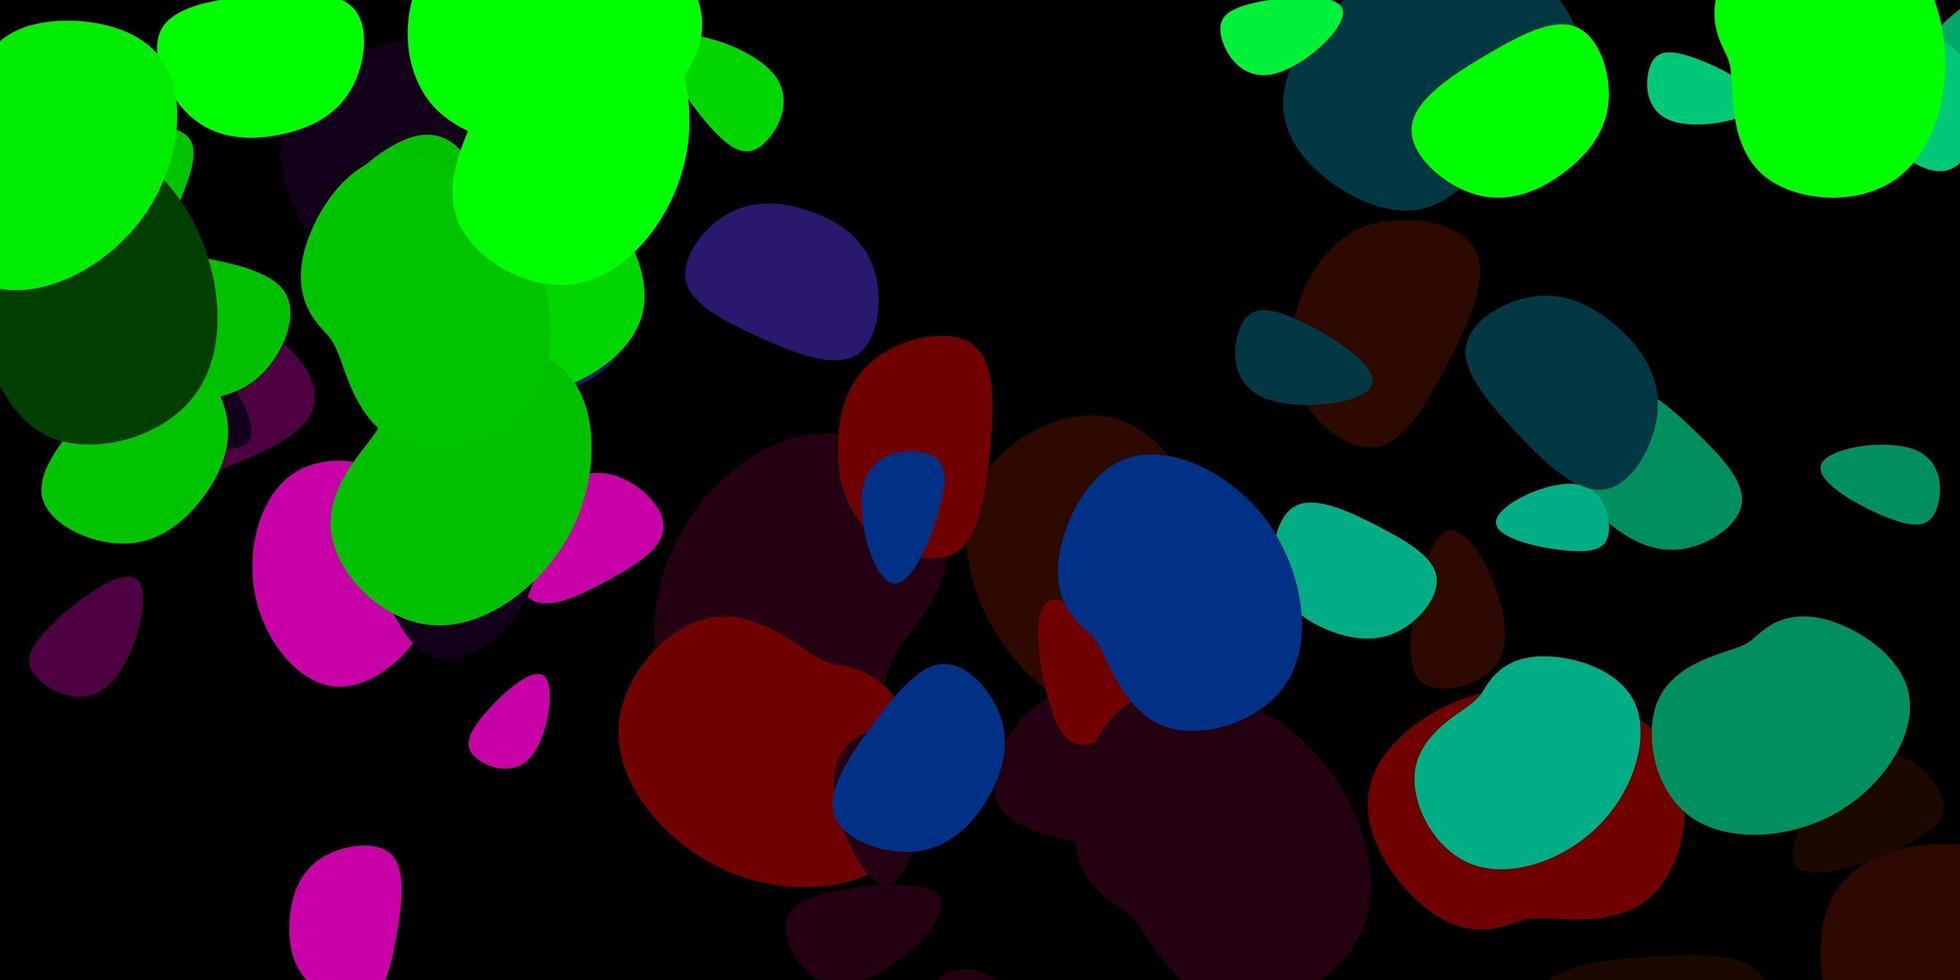 donkerroze, groene vectorachtergrond met willekeurige vormen. vector